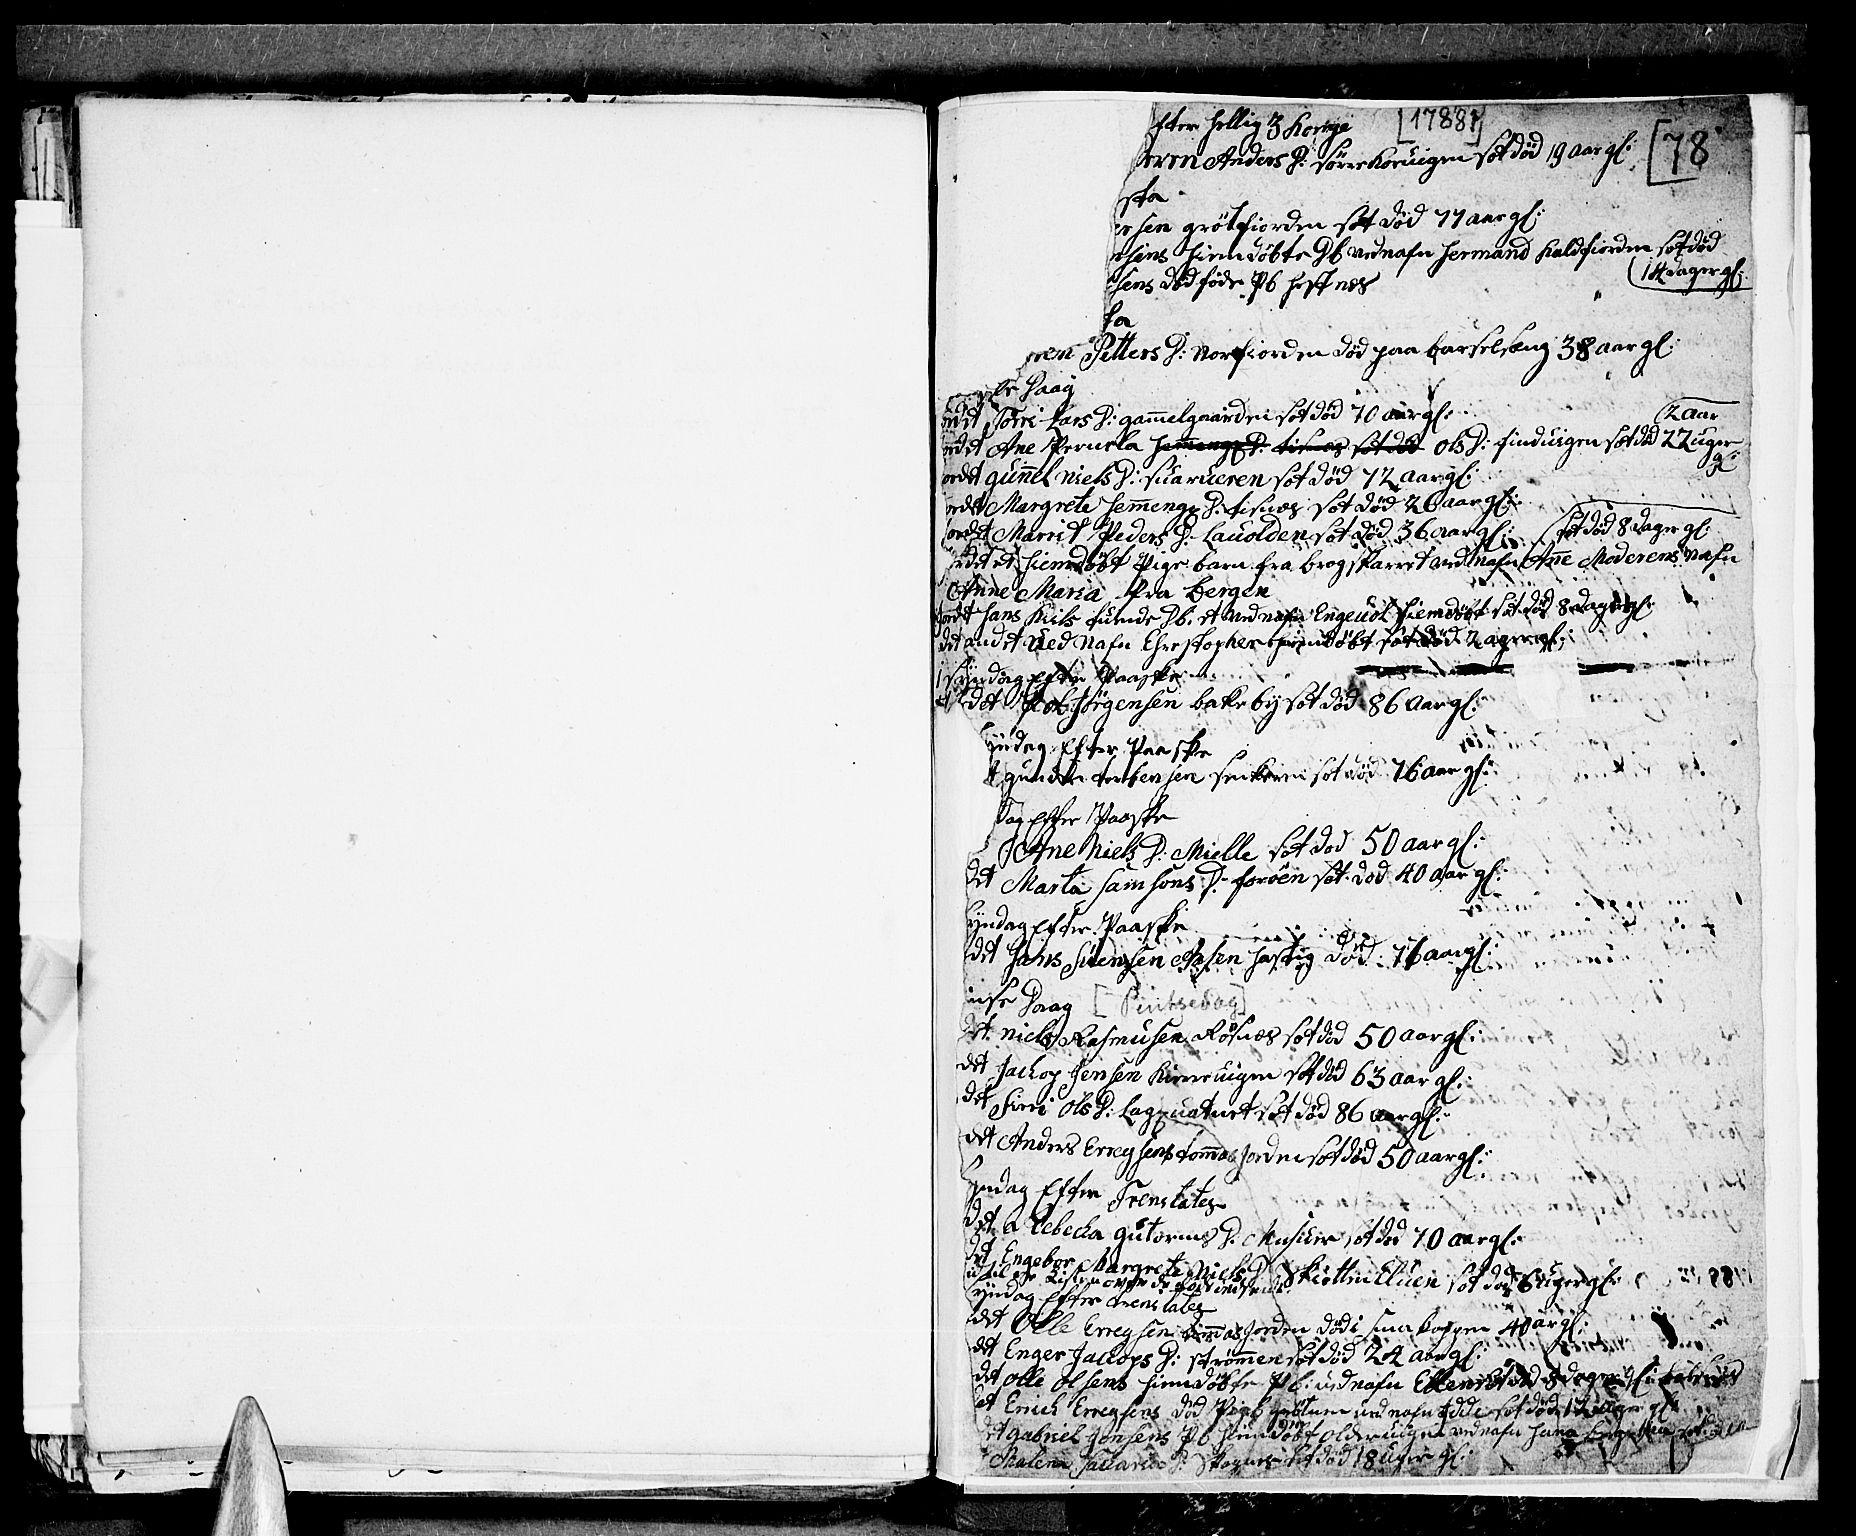 SATØ, Tromsø sokneprestkontor/stiftsprosti/domprosti, G/Ga/L0004kirke: Ministerialbok nr. 4, 1787-1795, s. 78